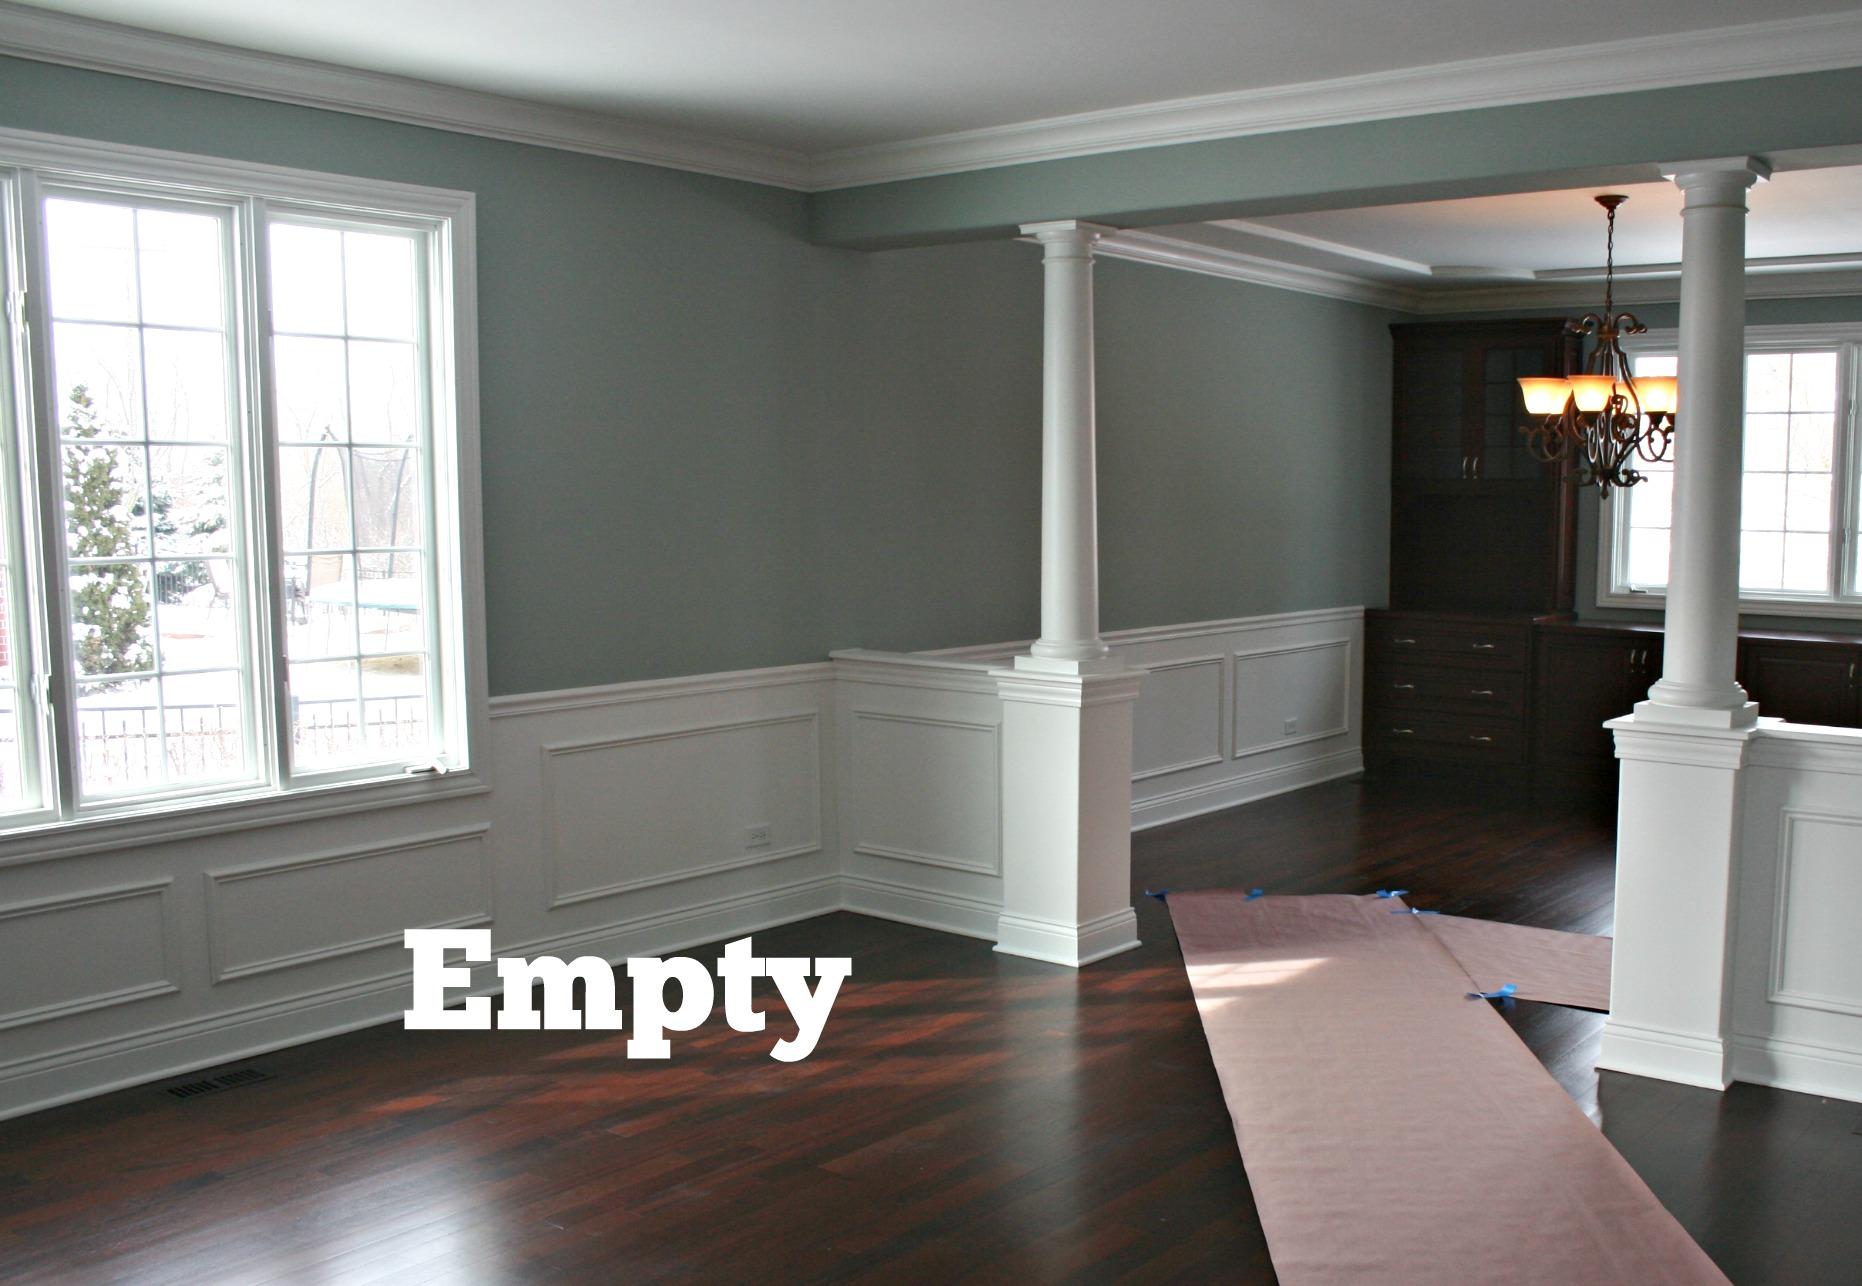 Lemont, IL - Empty Living